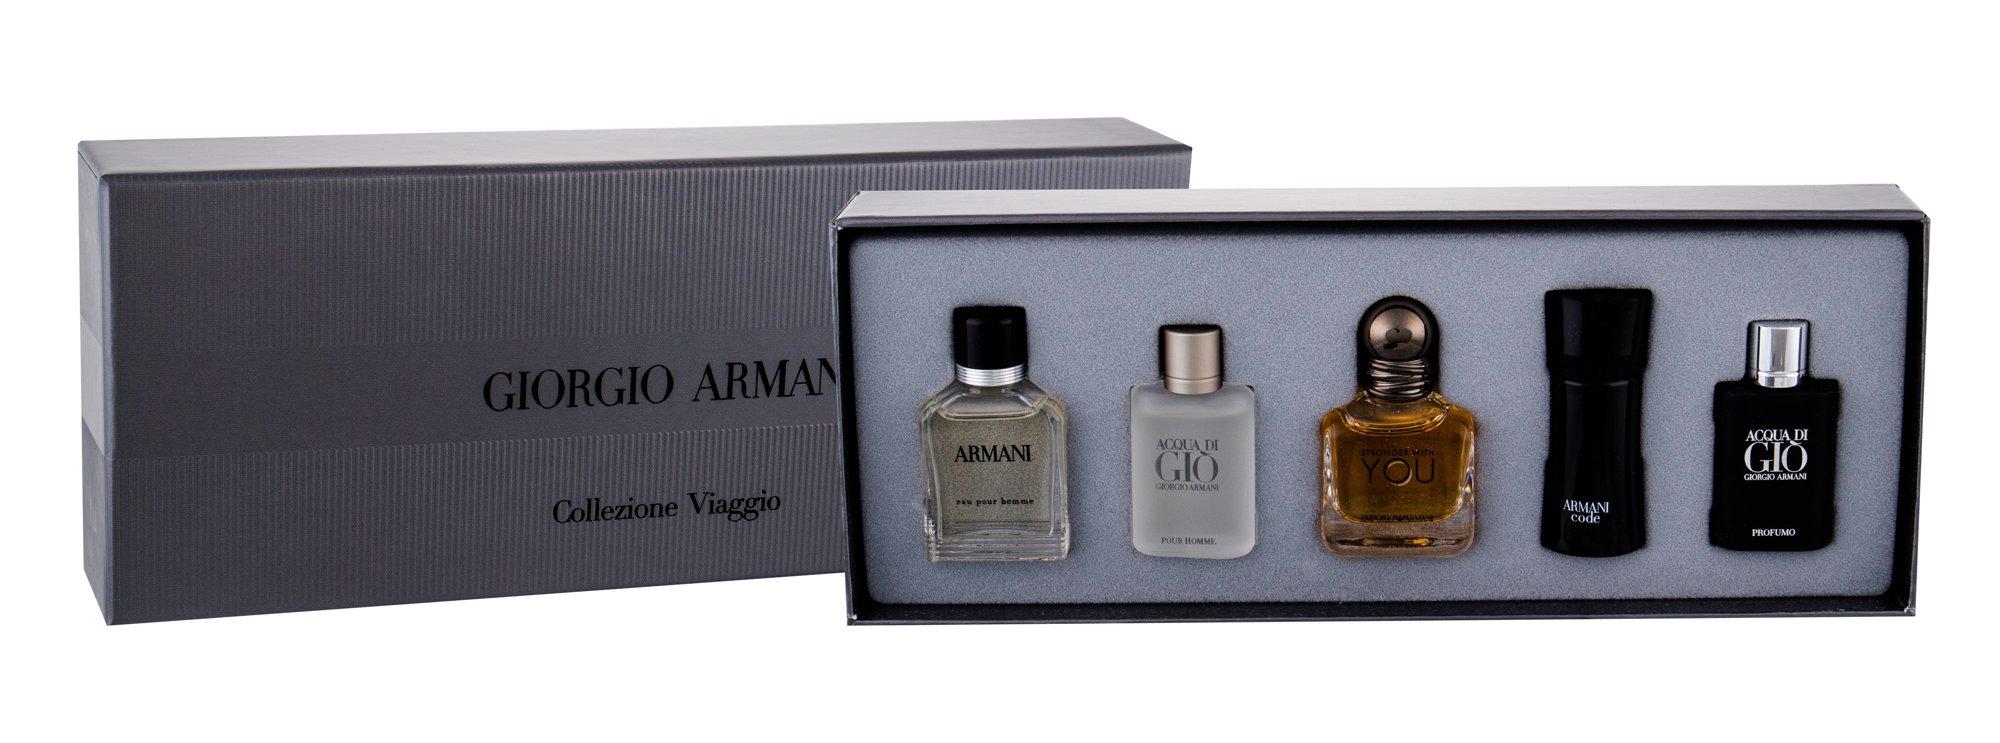 Giorgio Armani Mini Set